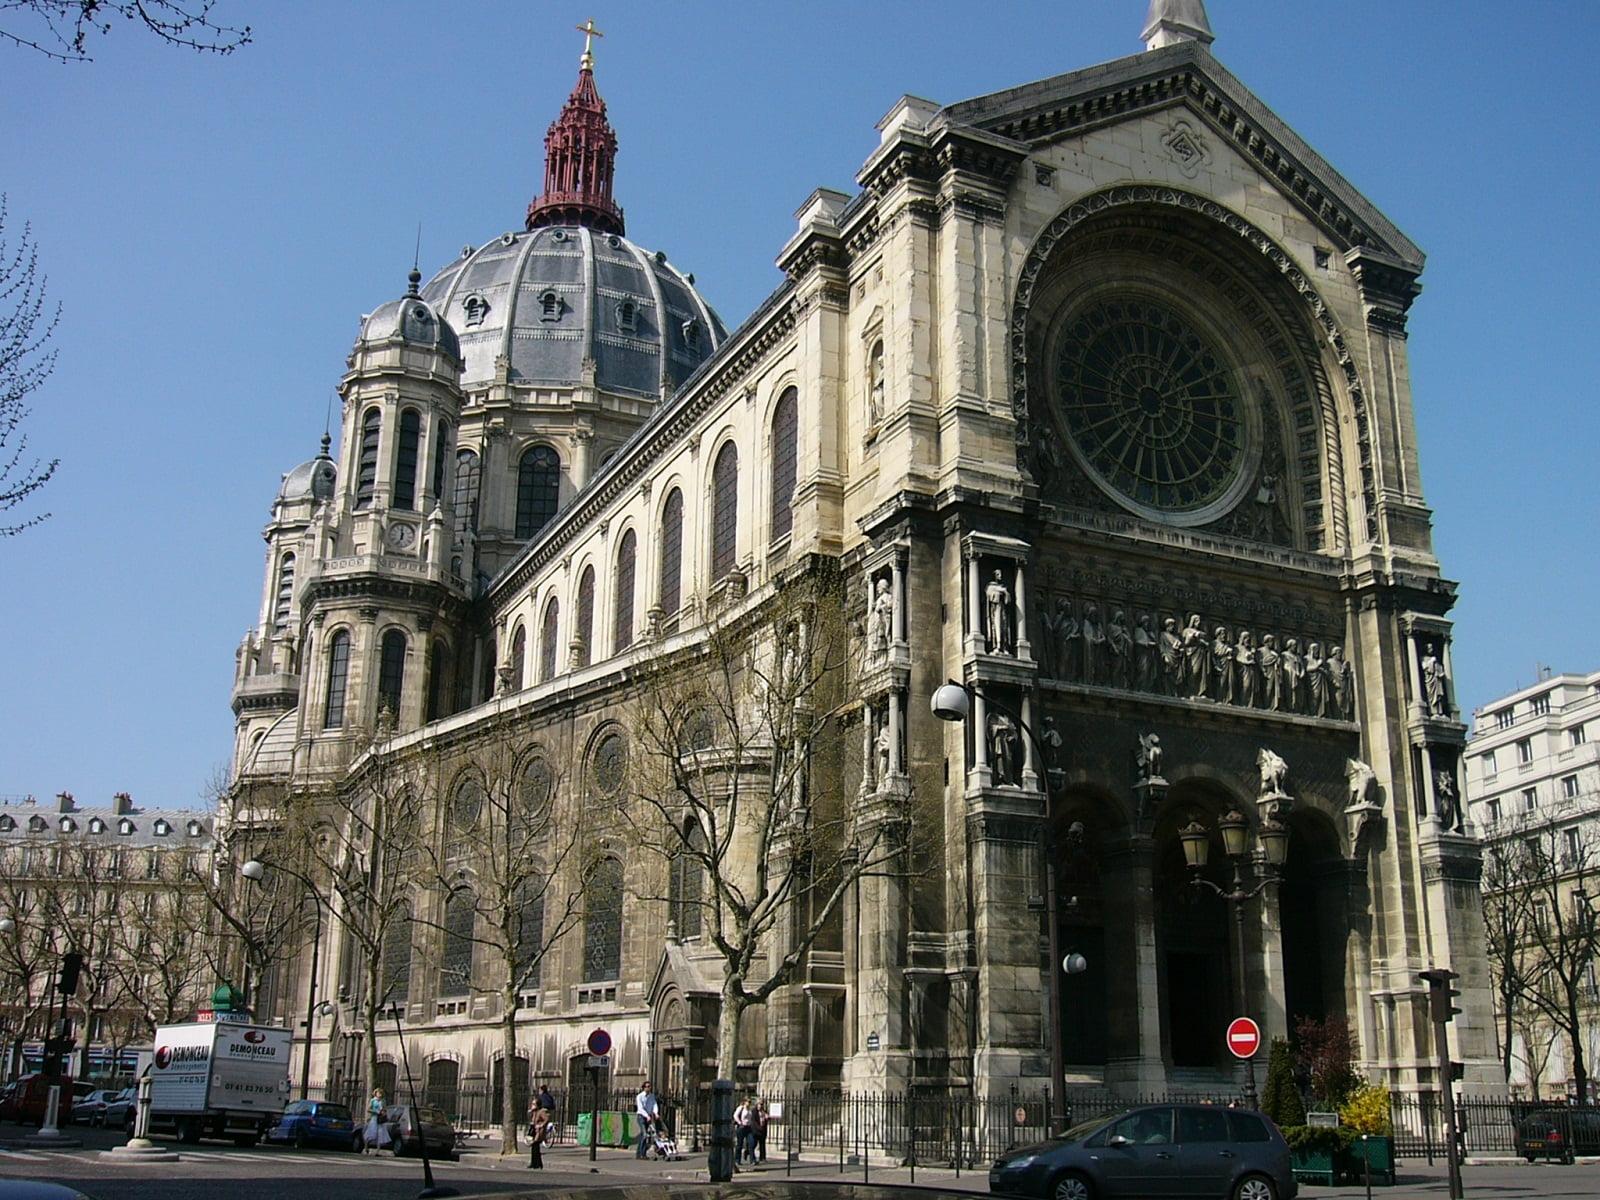 Kiến trúc cổ điển là xu hướng kiến trúc đẳng cấp không lỗi thời 3